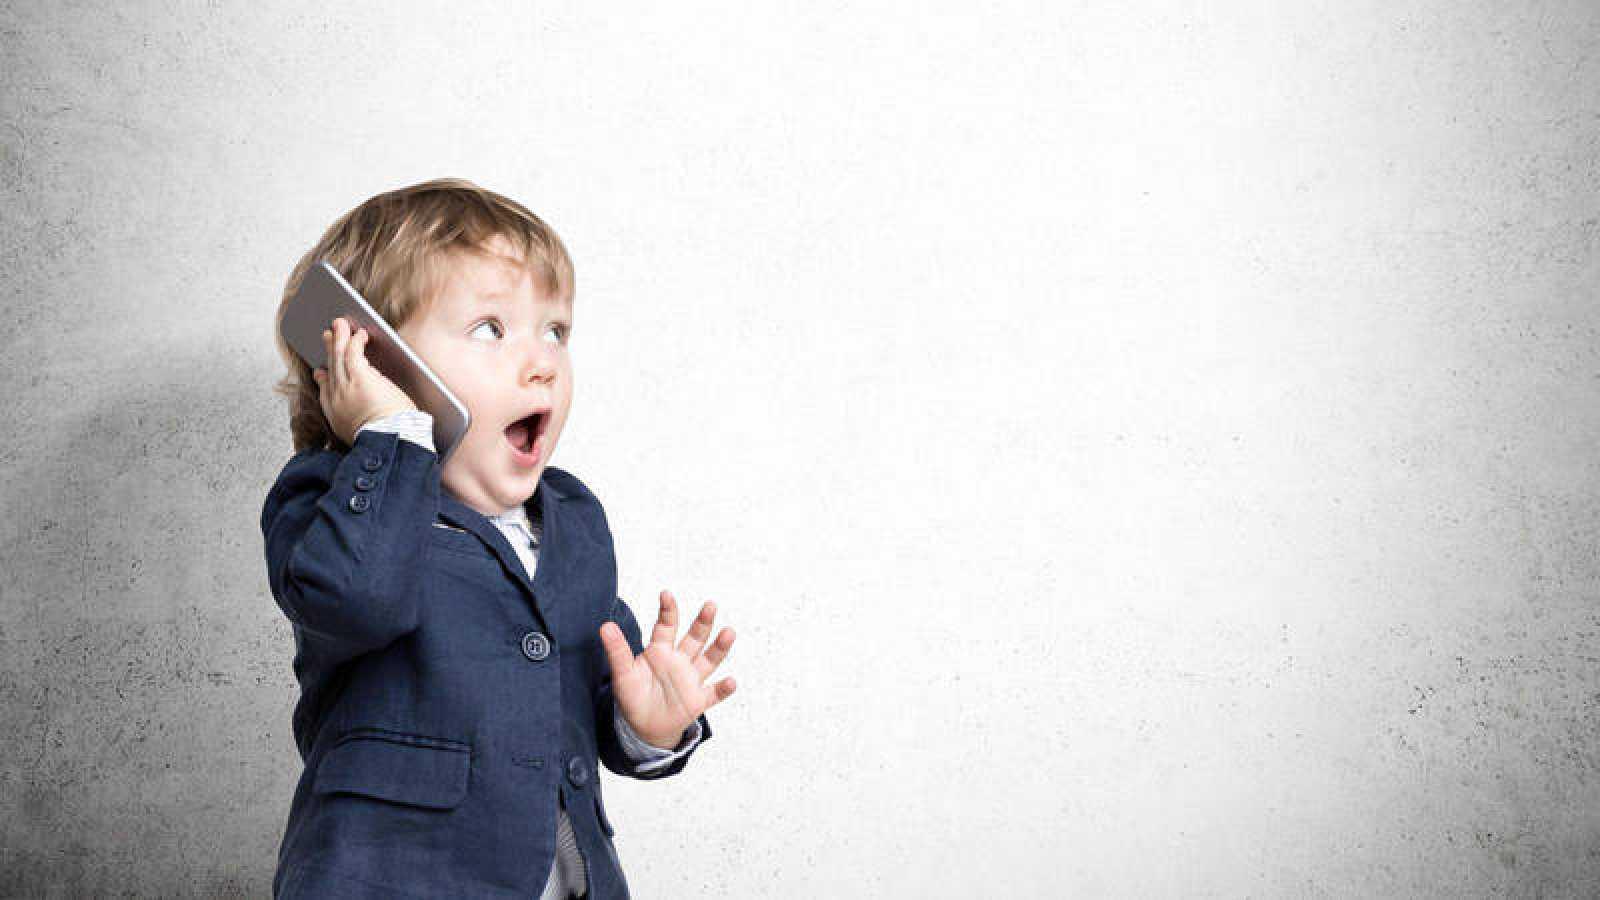 El uso de móviles en niños menores se ha incrementado en los últimos años